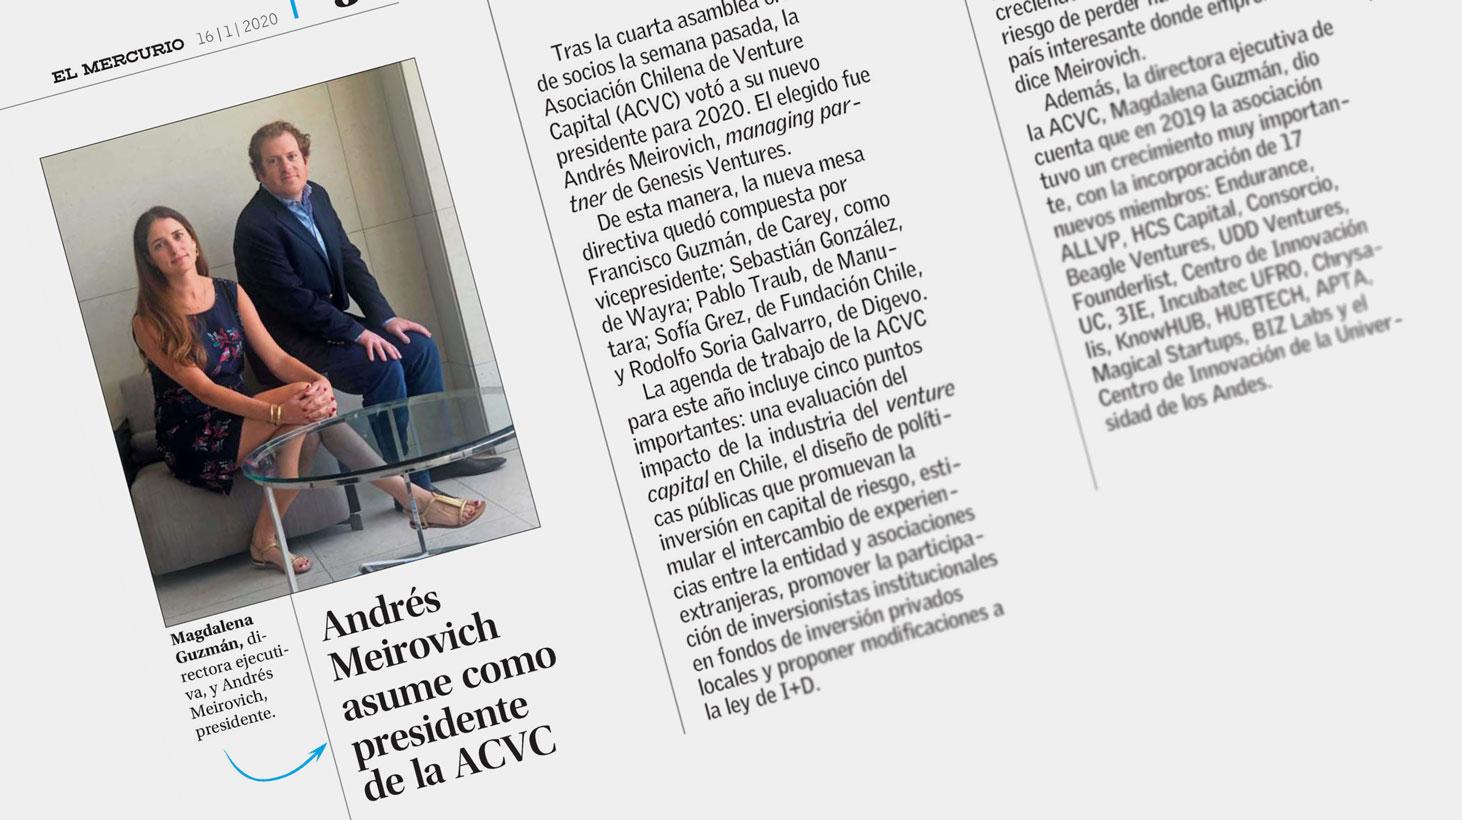 Andrés Meirovich asume como presidente de la ACVC